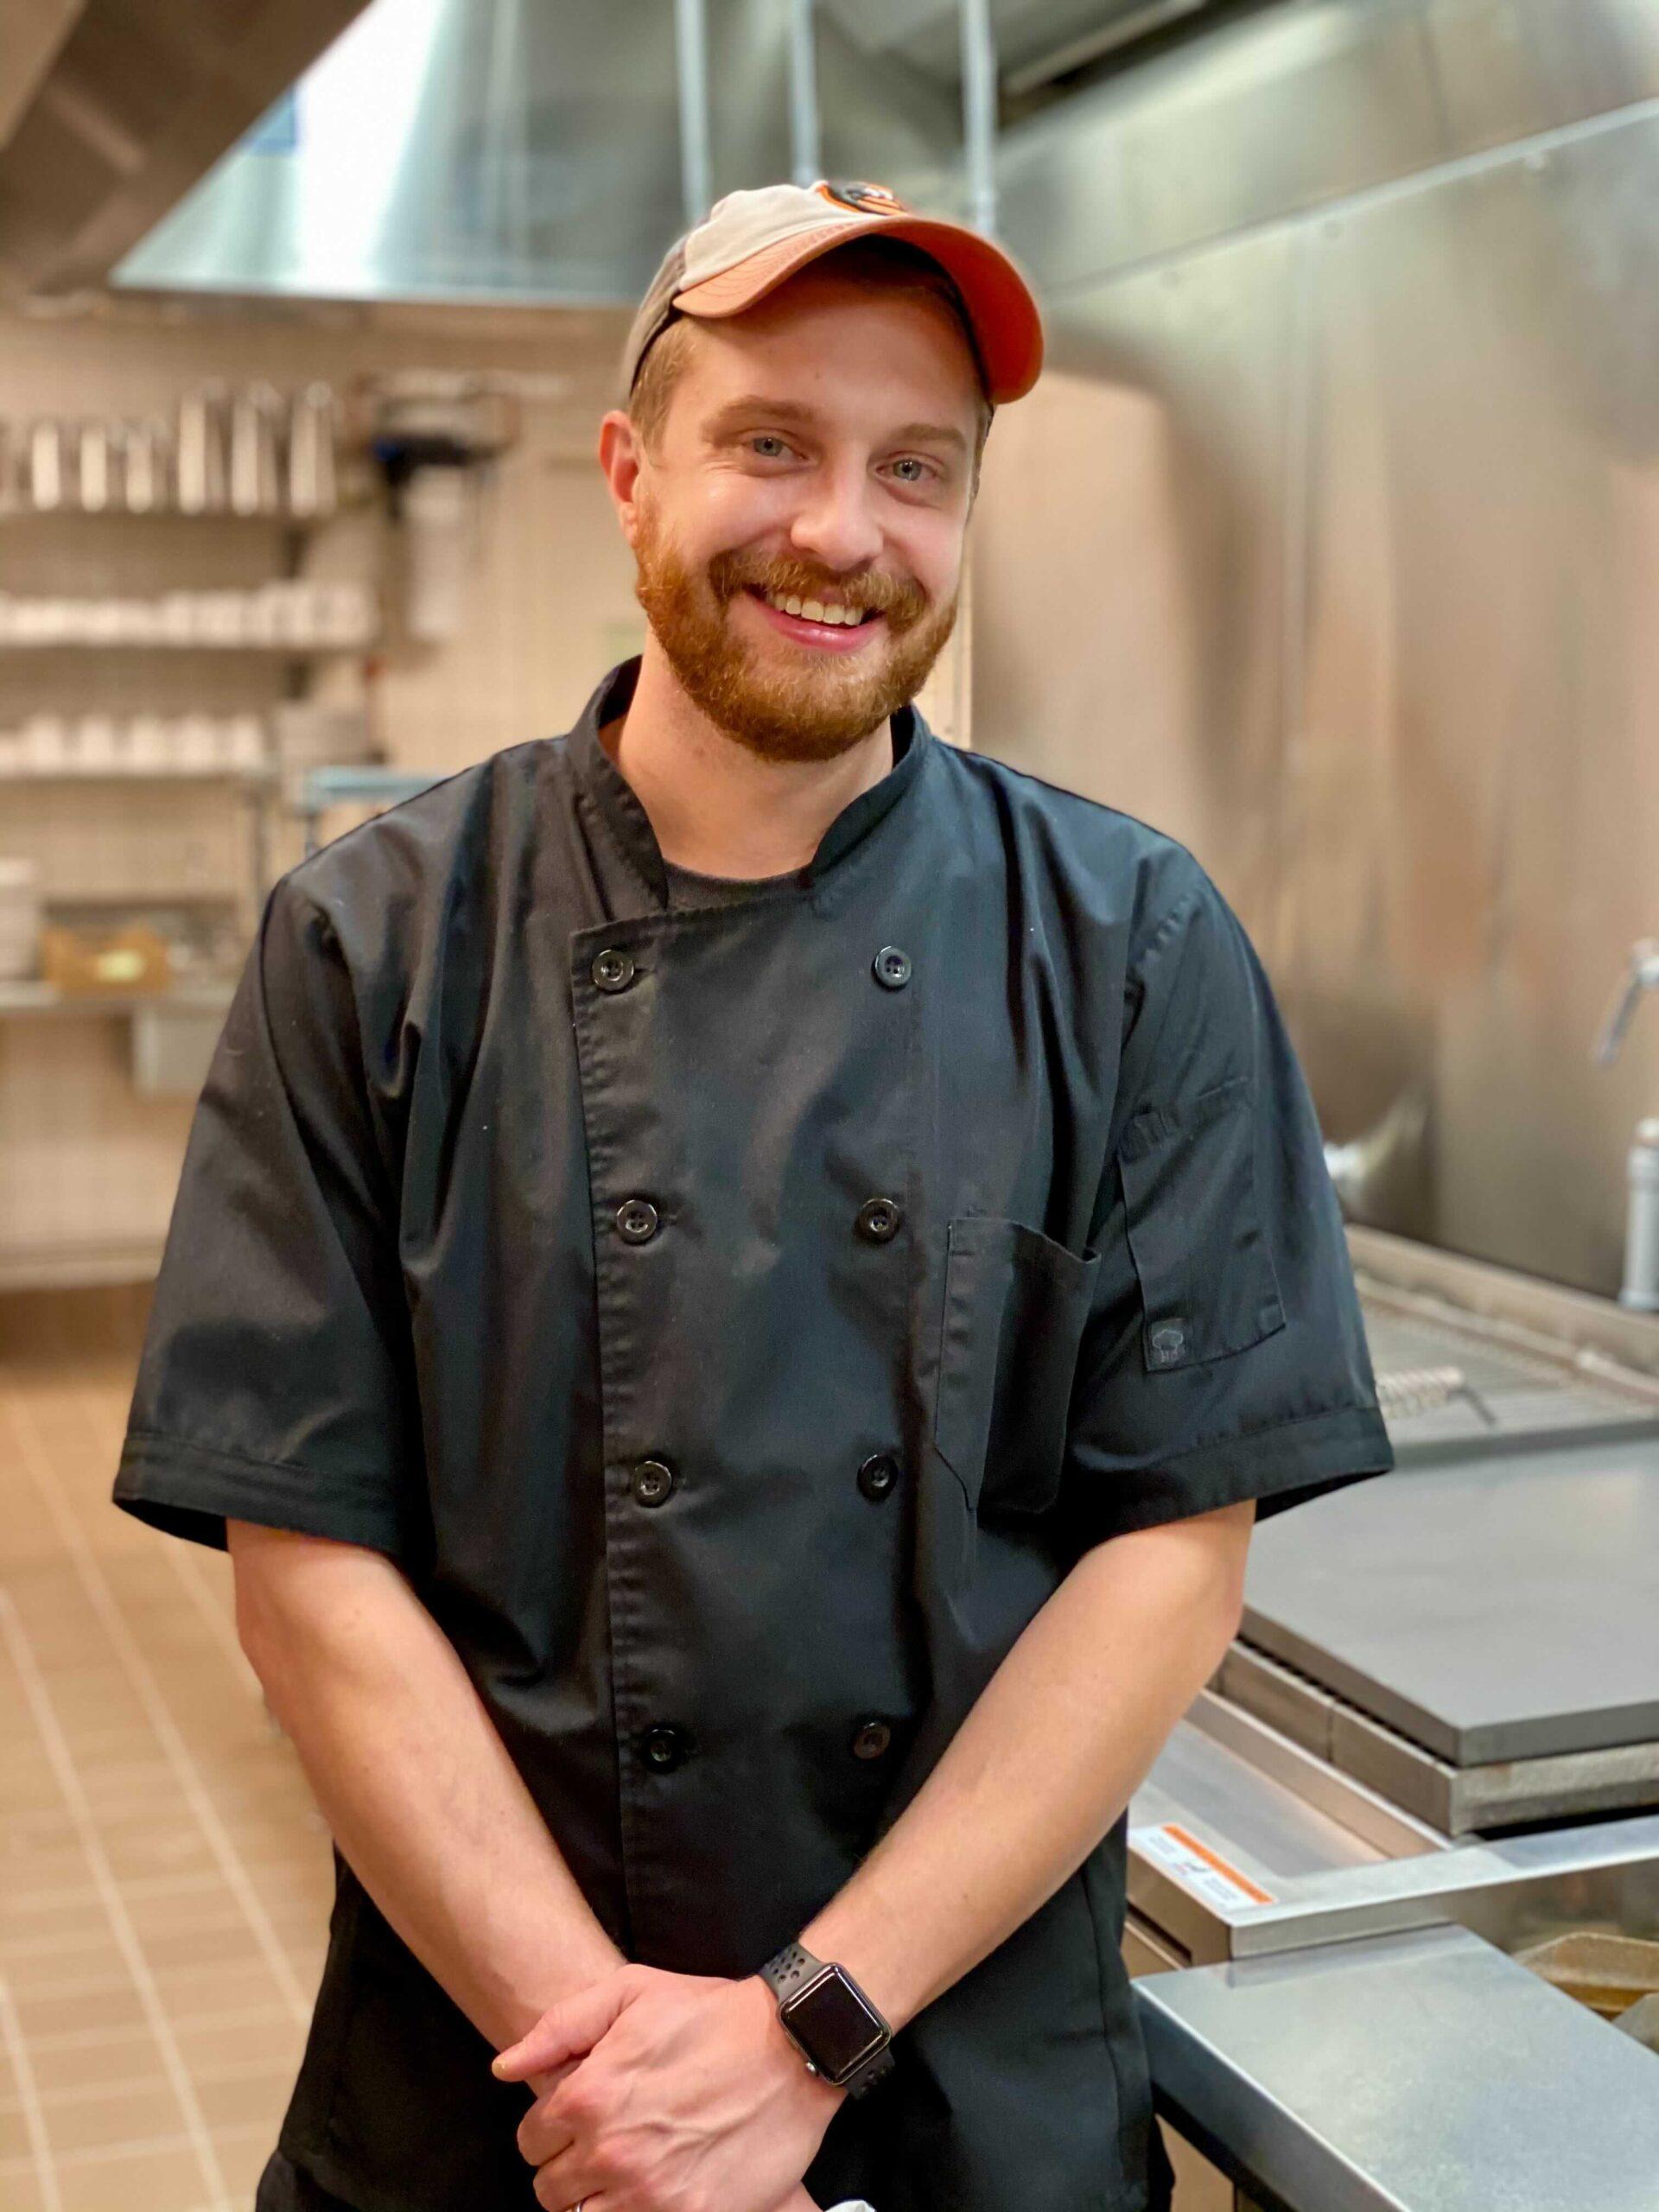 Ryan Shaffner